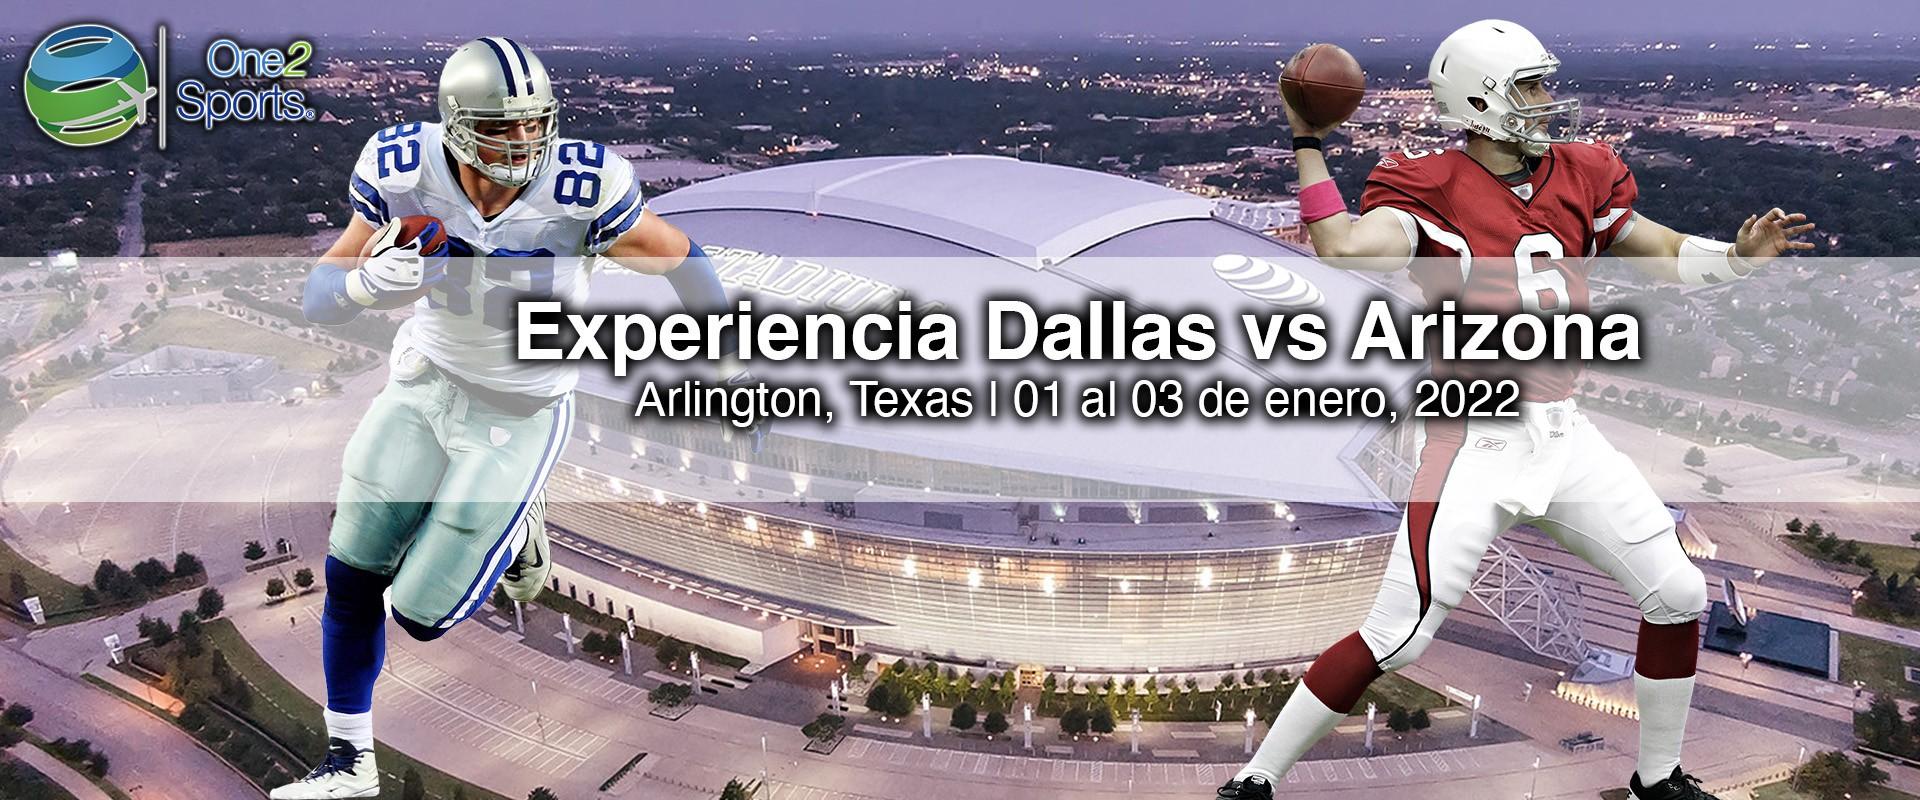 Dallas vs Arizona